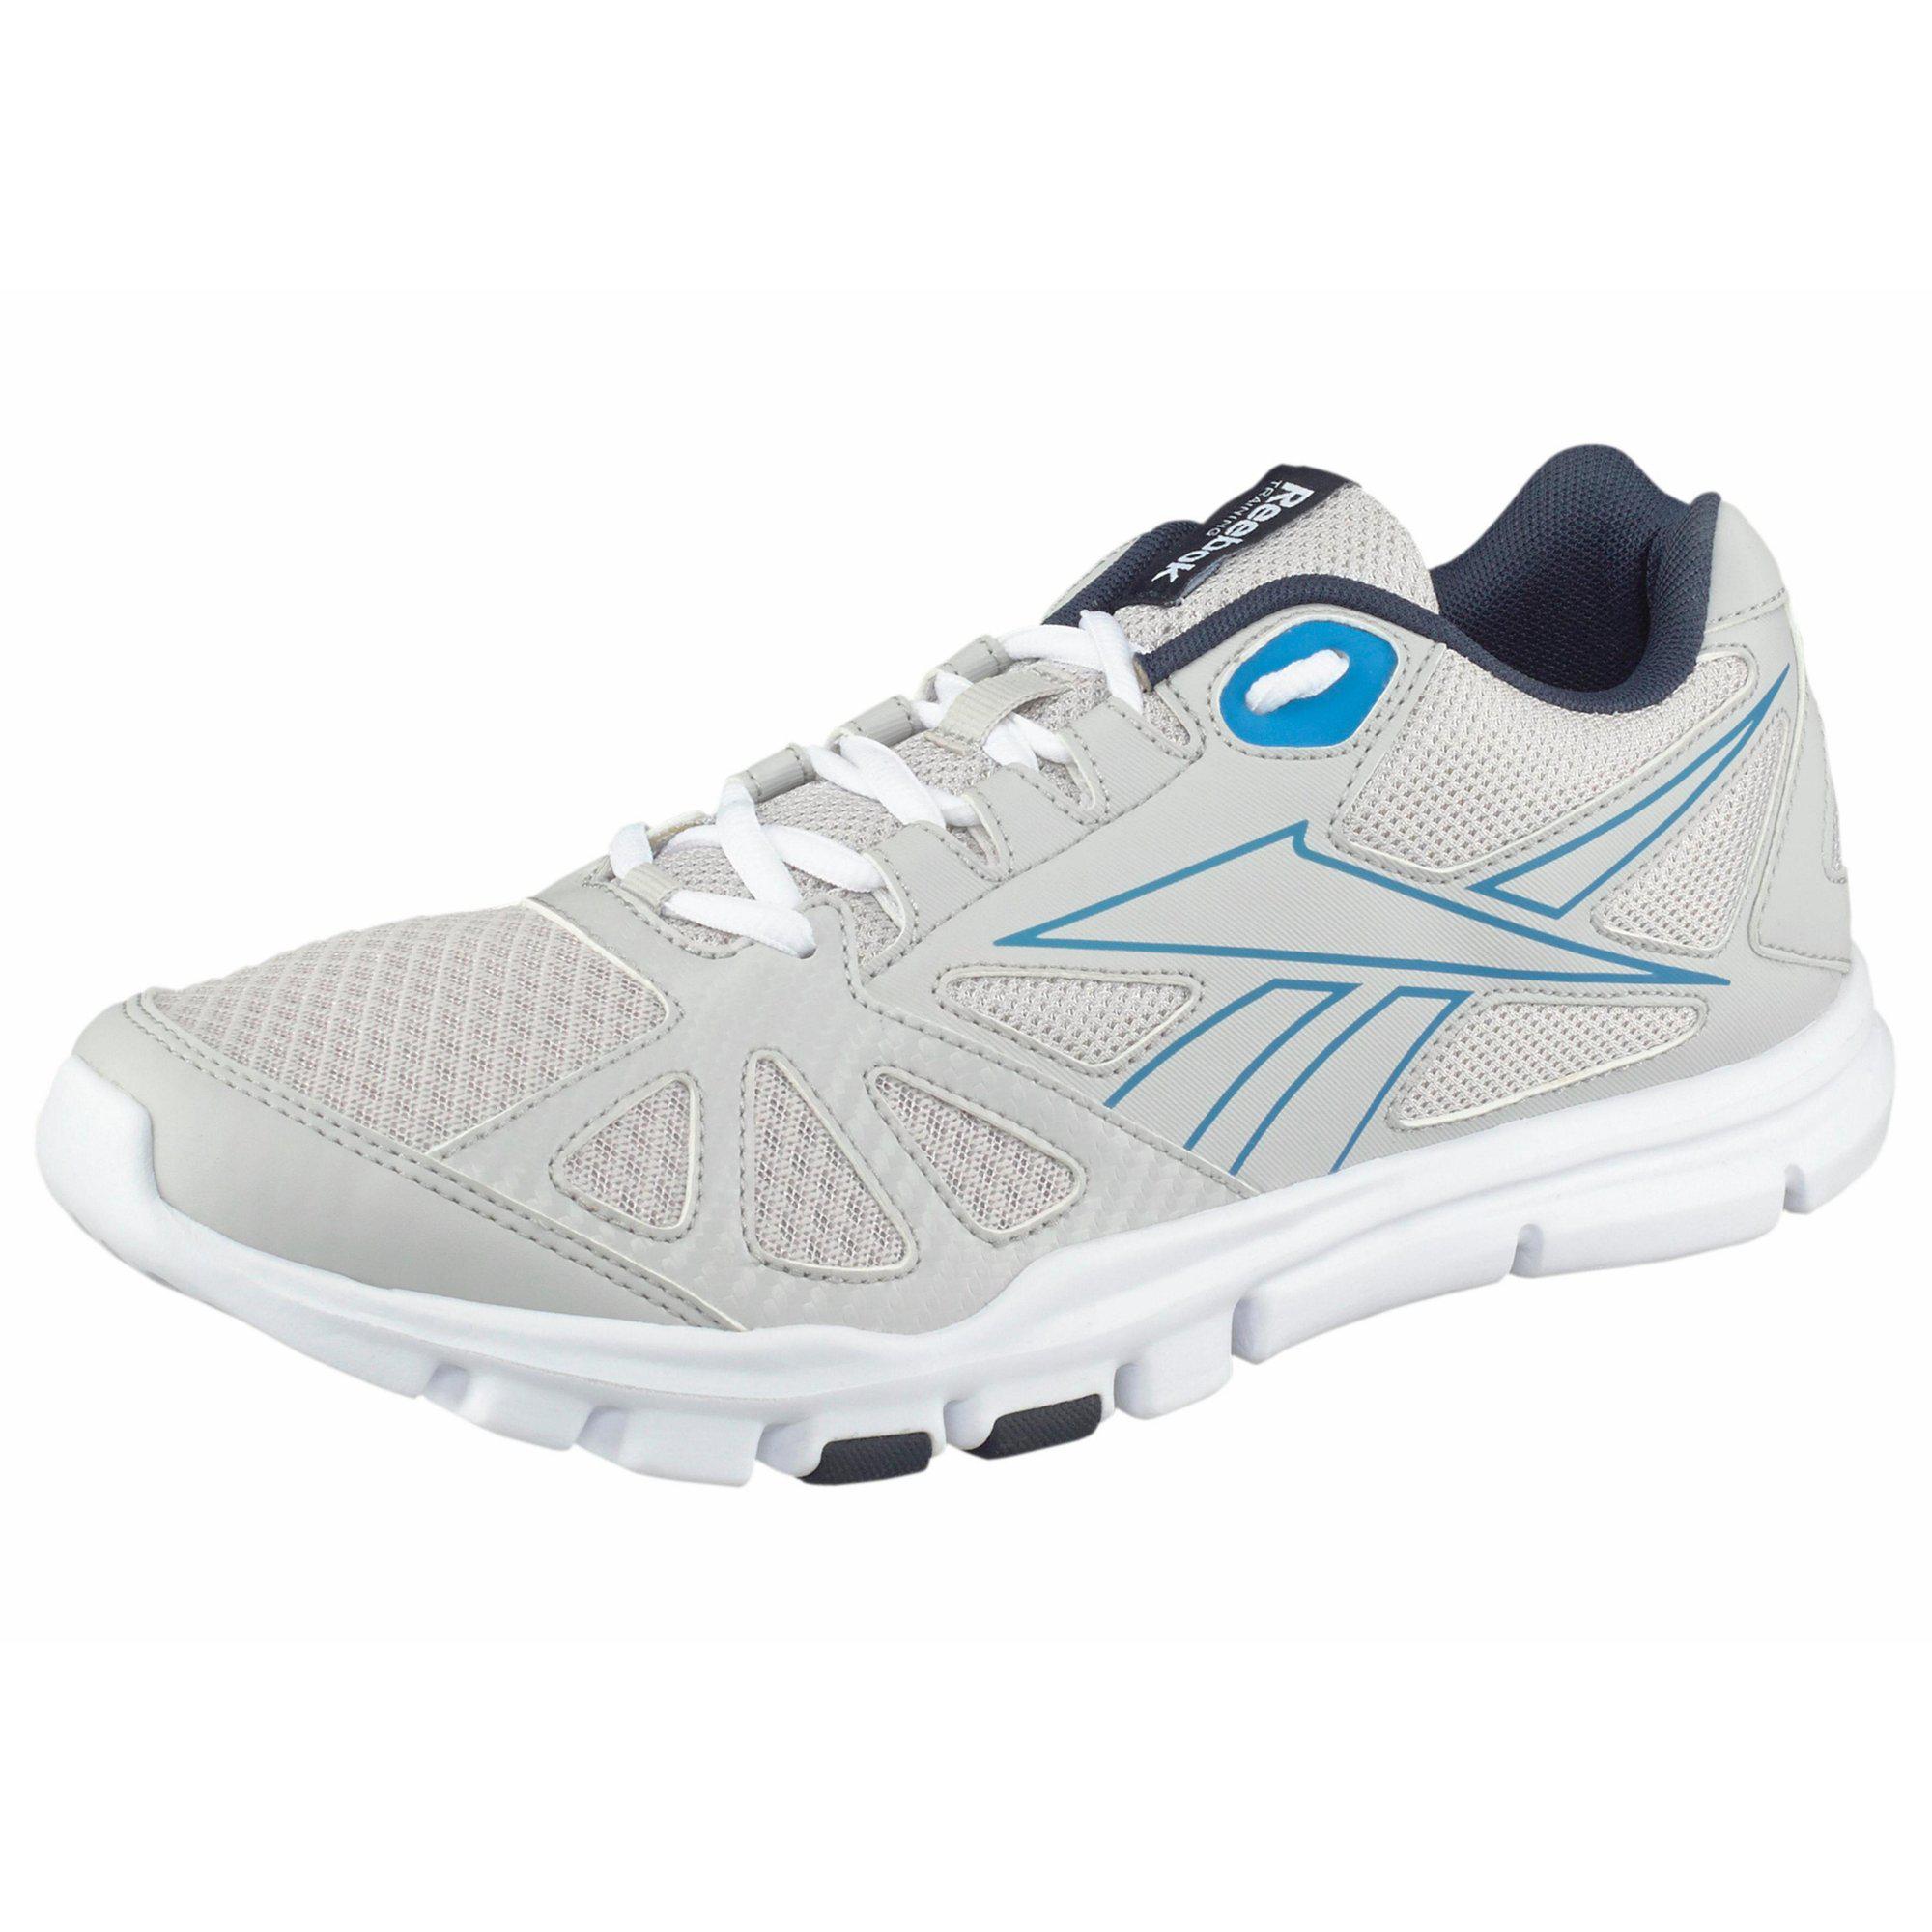 Chaussures de sport homme Reebok Yourflex Train RS 6.0 taille du 39 au 47